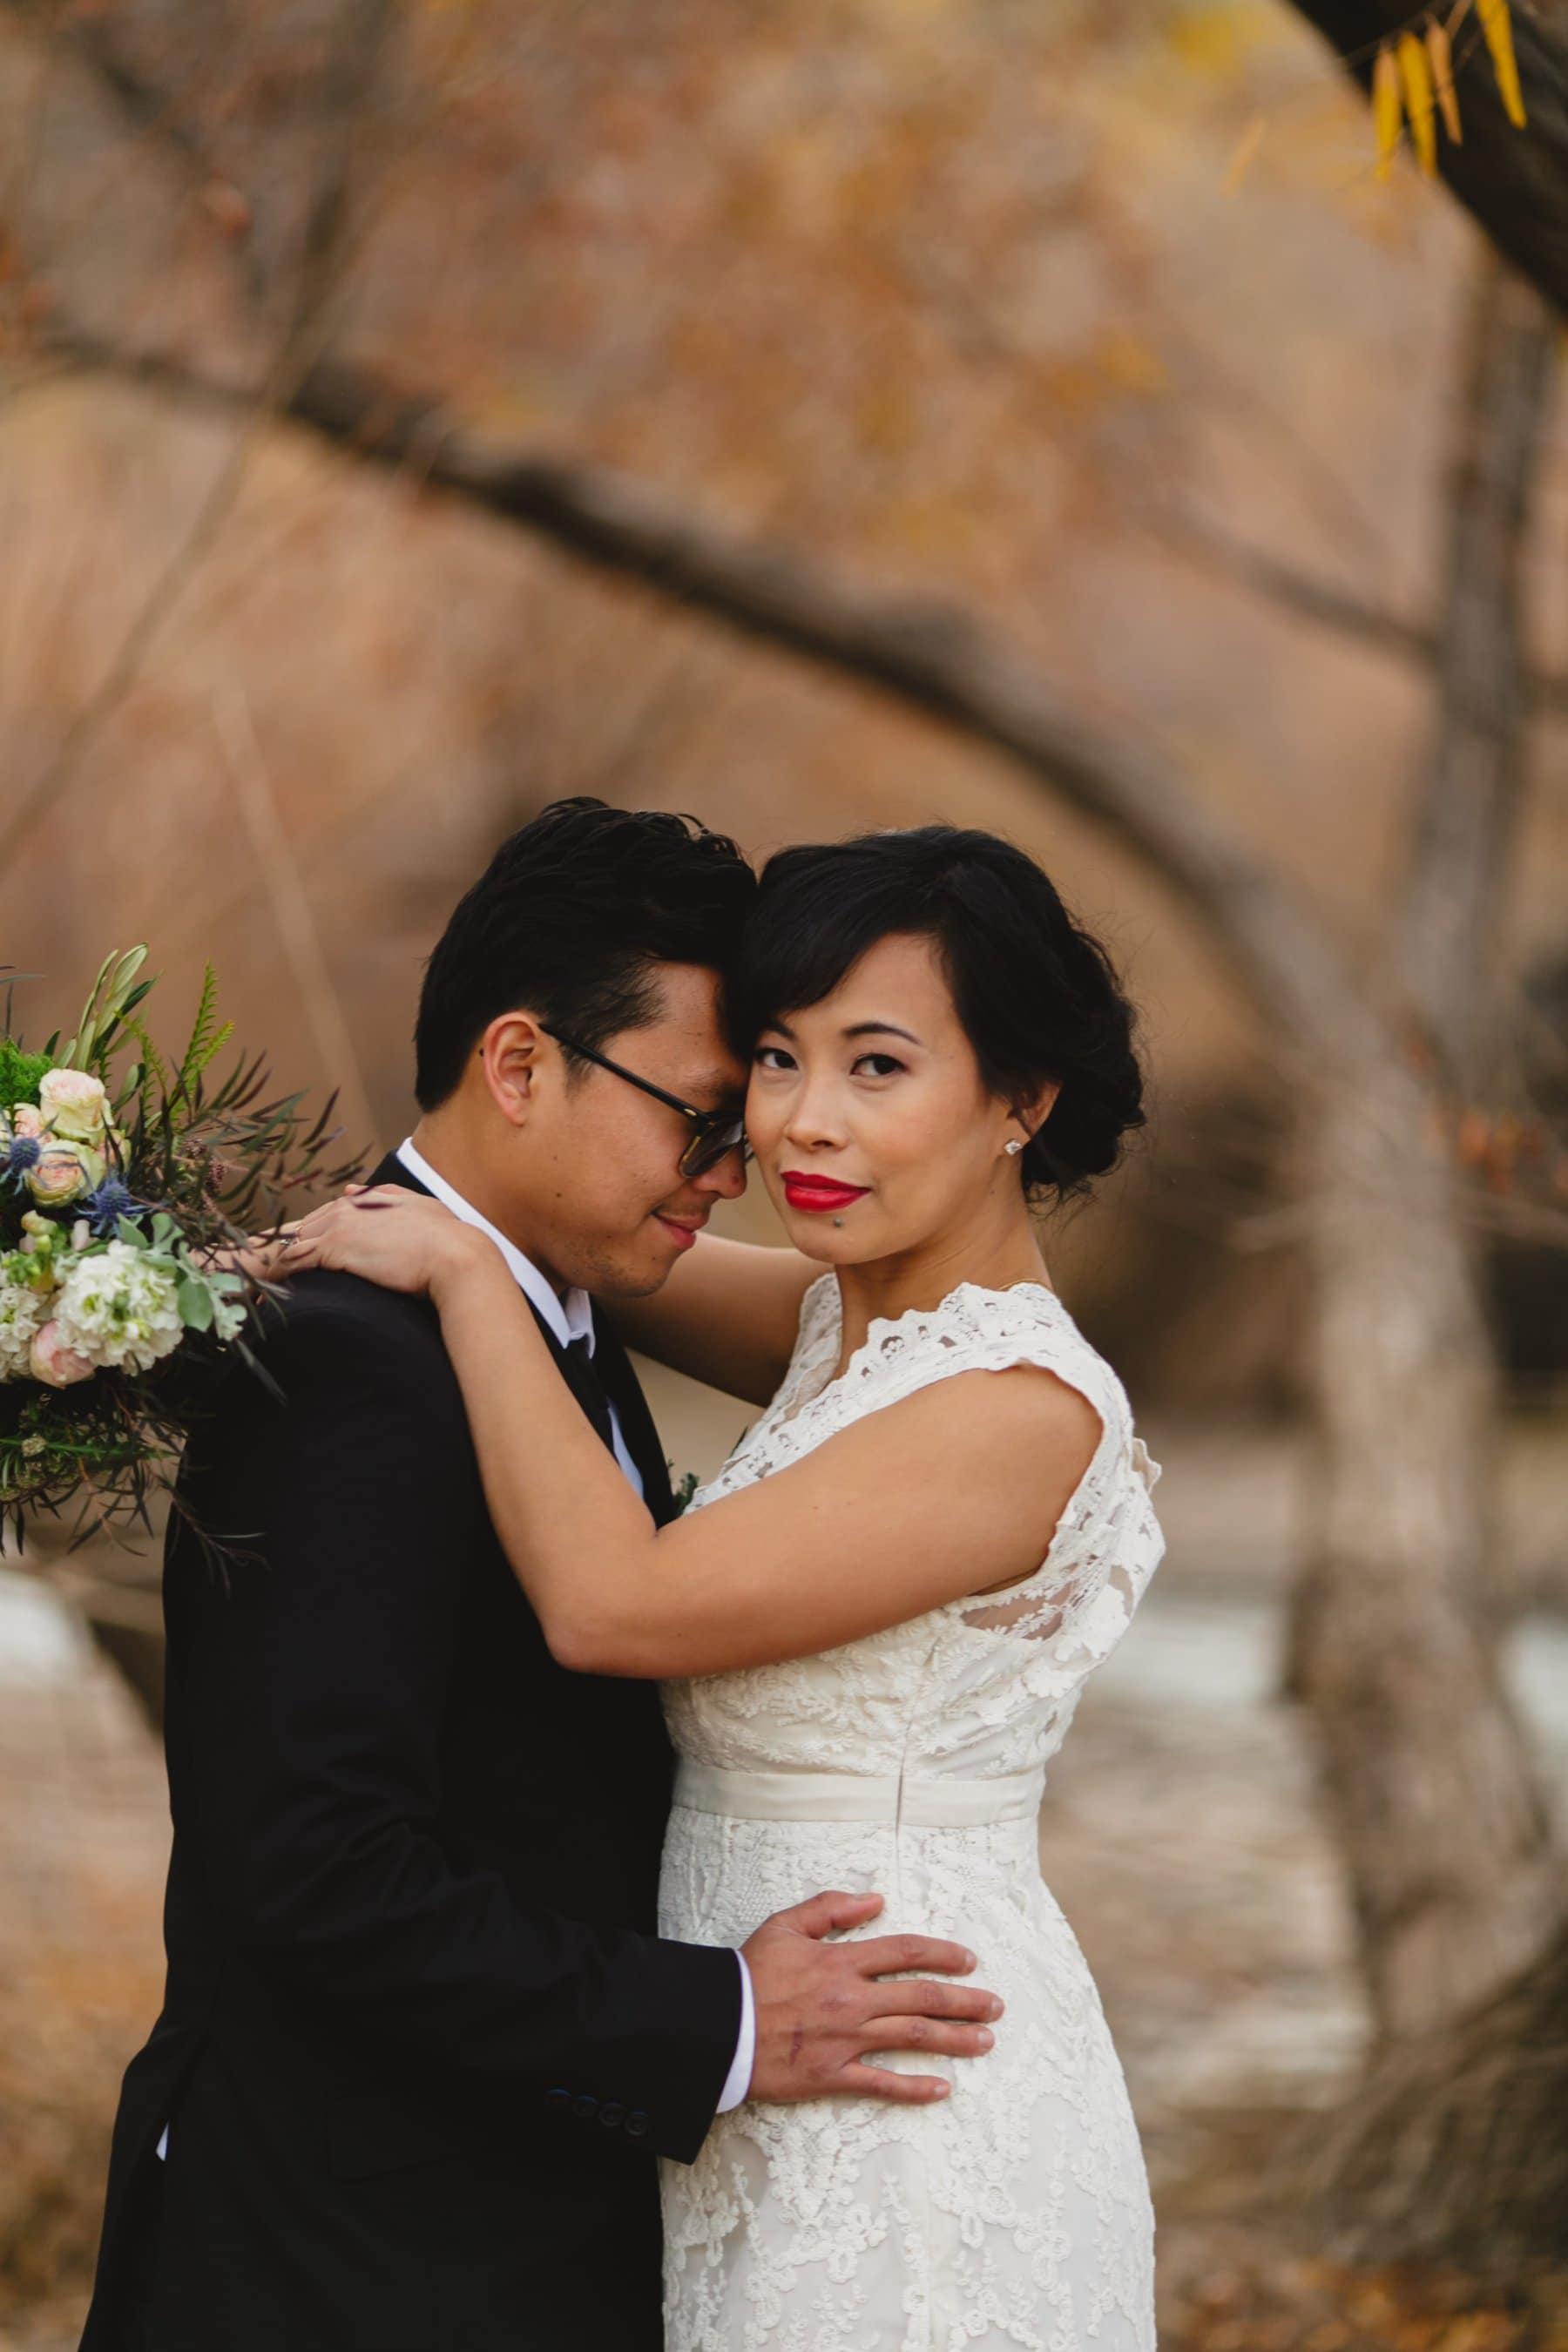 fall wedding outdoor elopement in Arizona